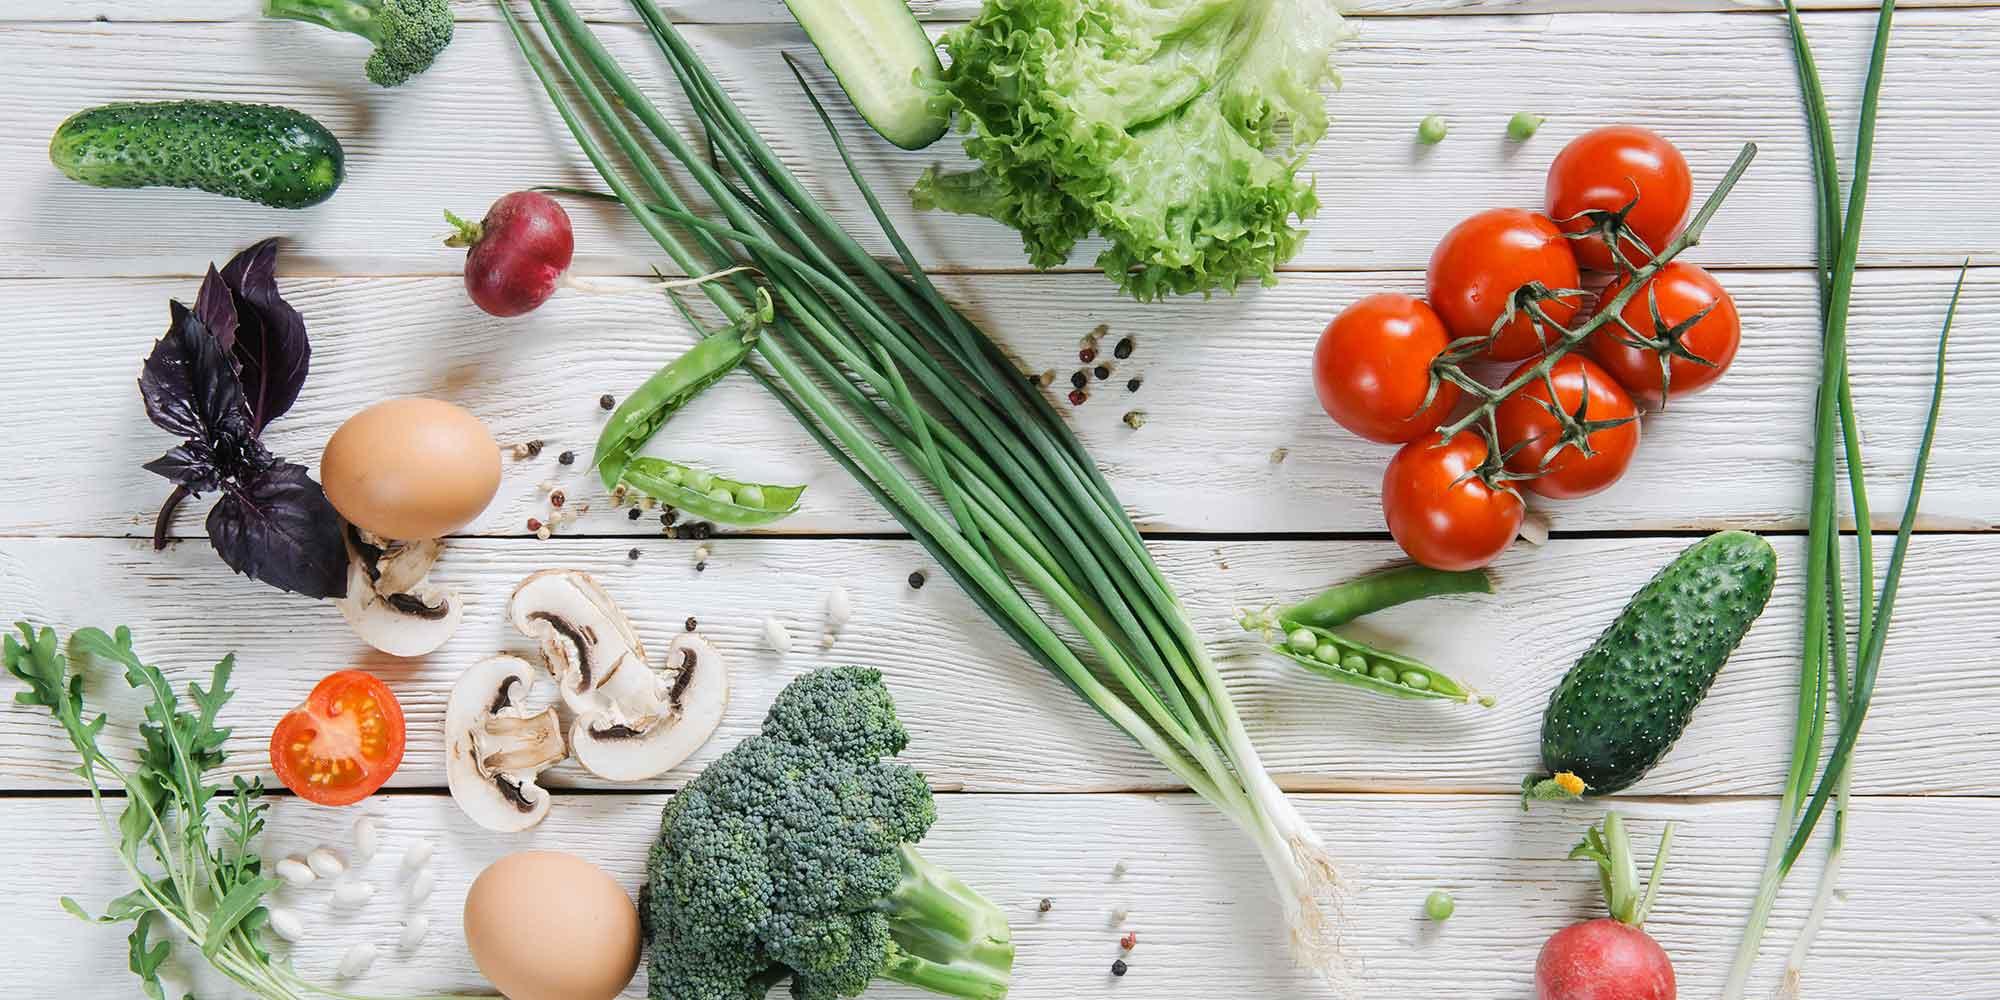 nadelen van afvallen met koolhydraatarm dieet